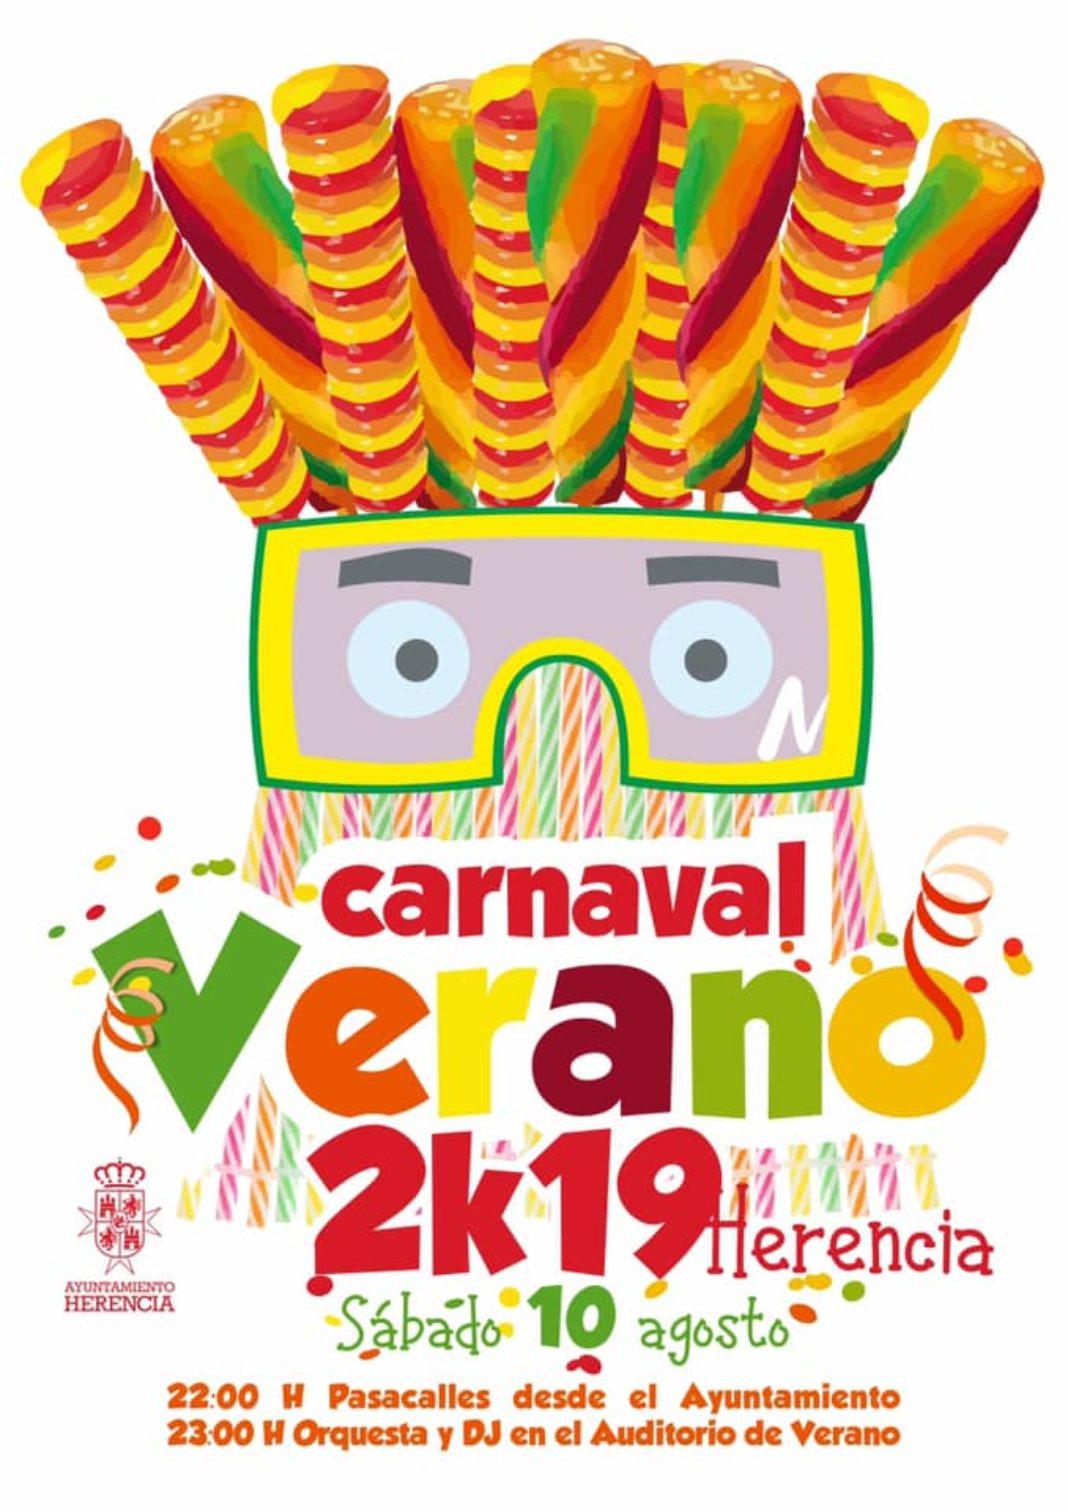 Carnaval de Verano repite en Herencia el 10 de agosto 4